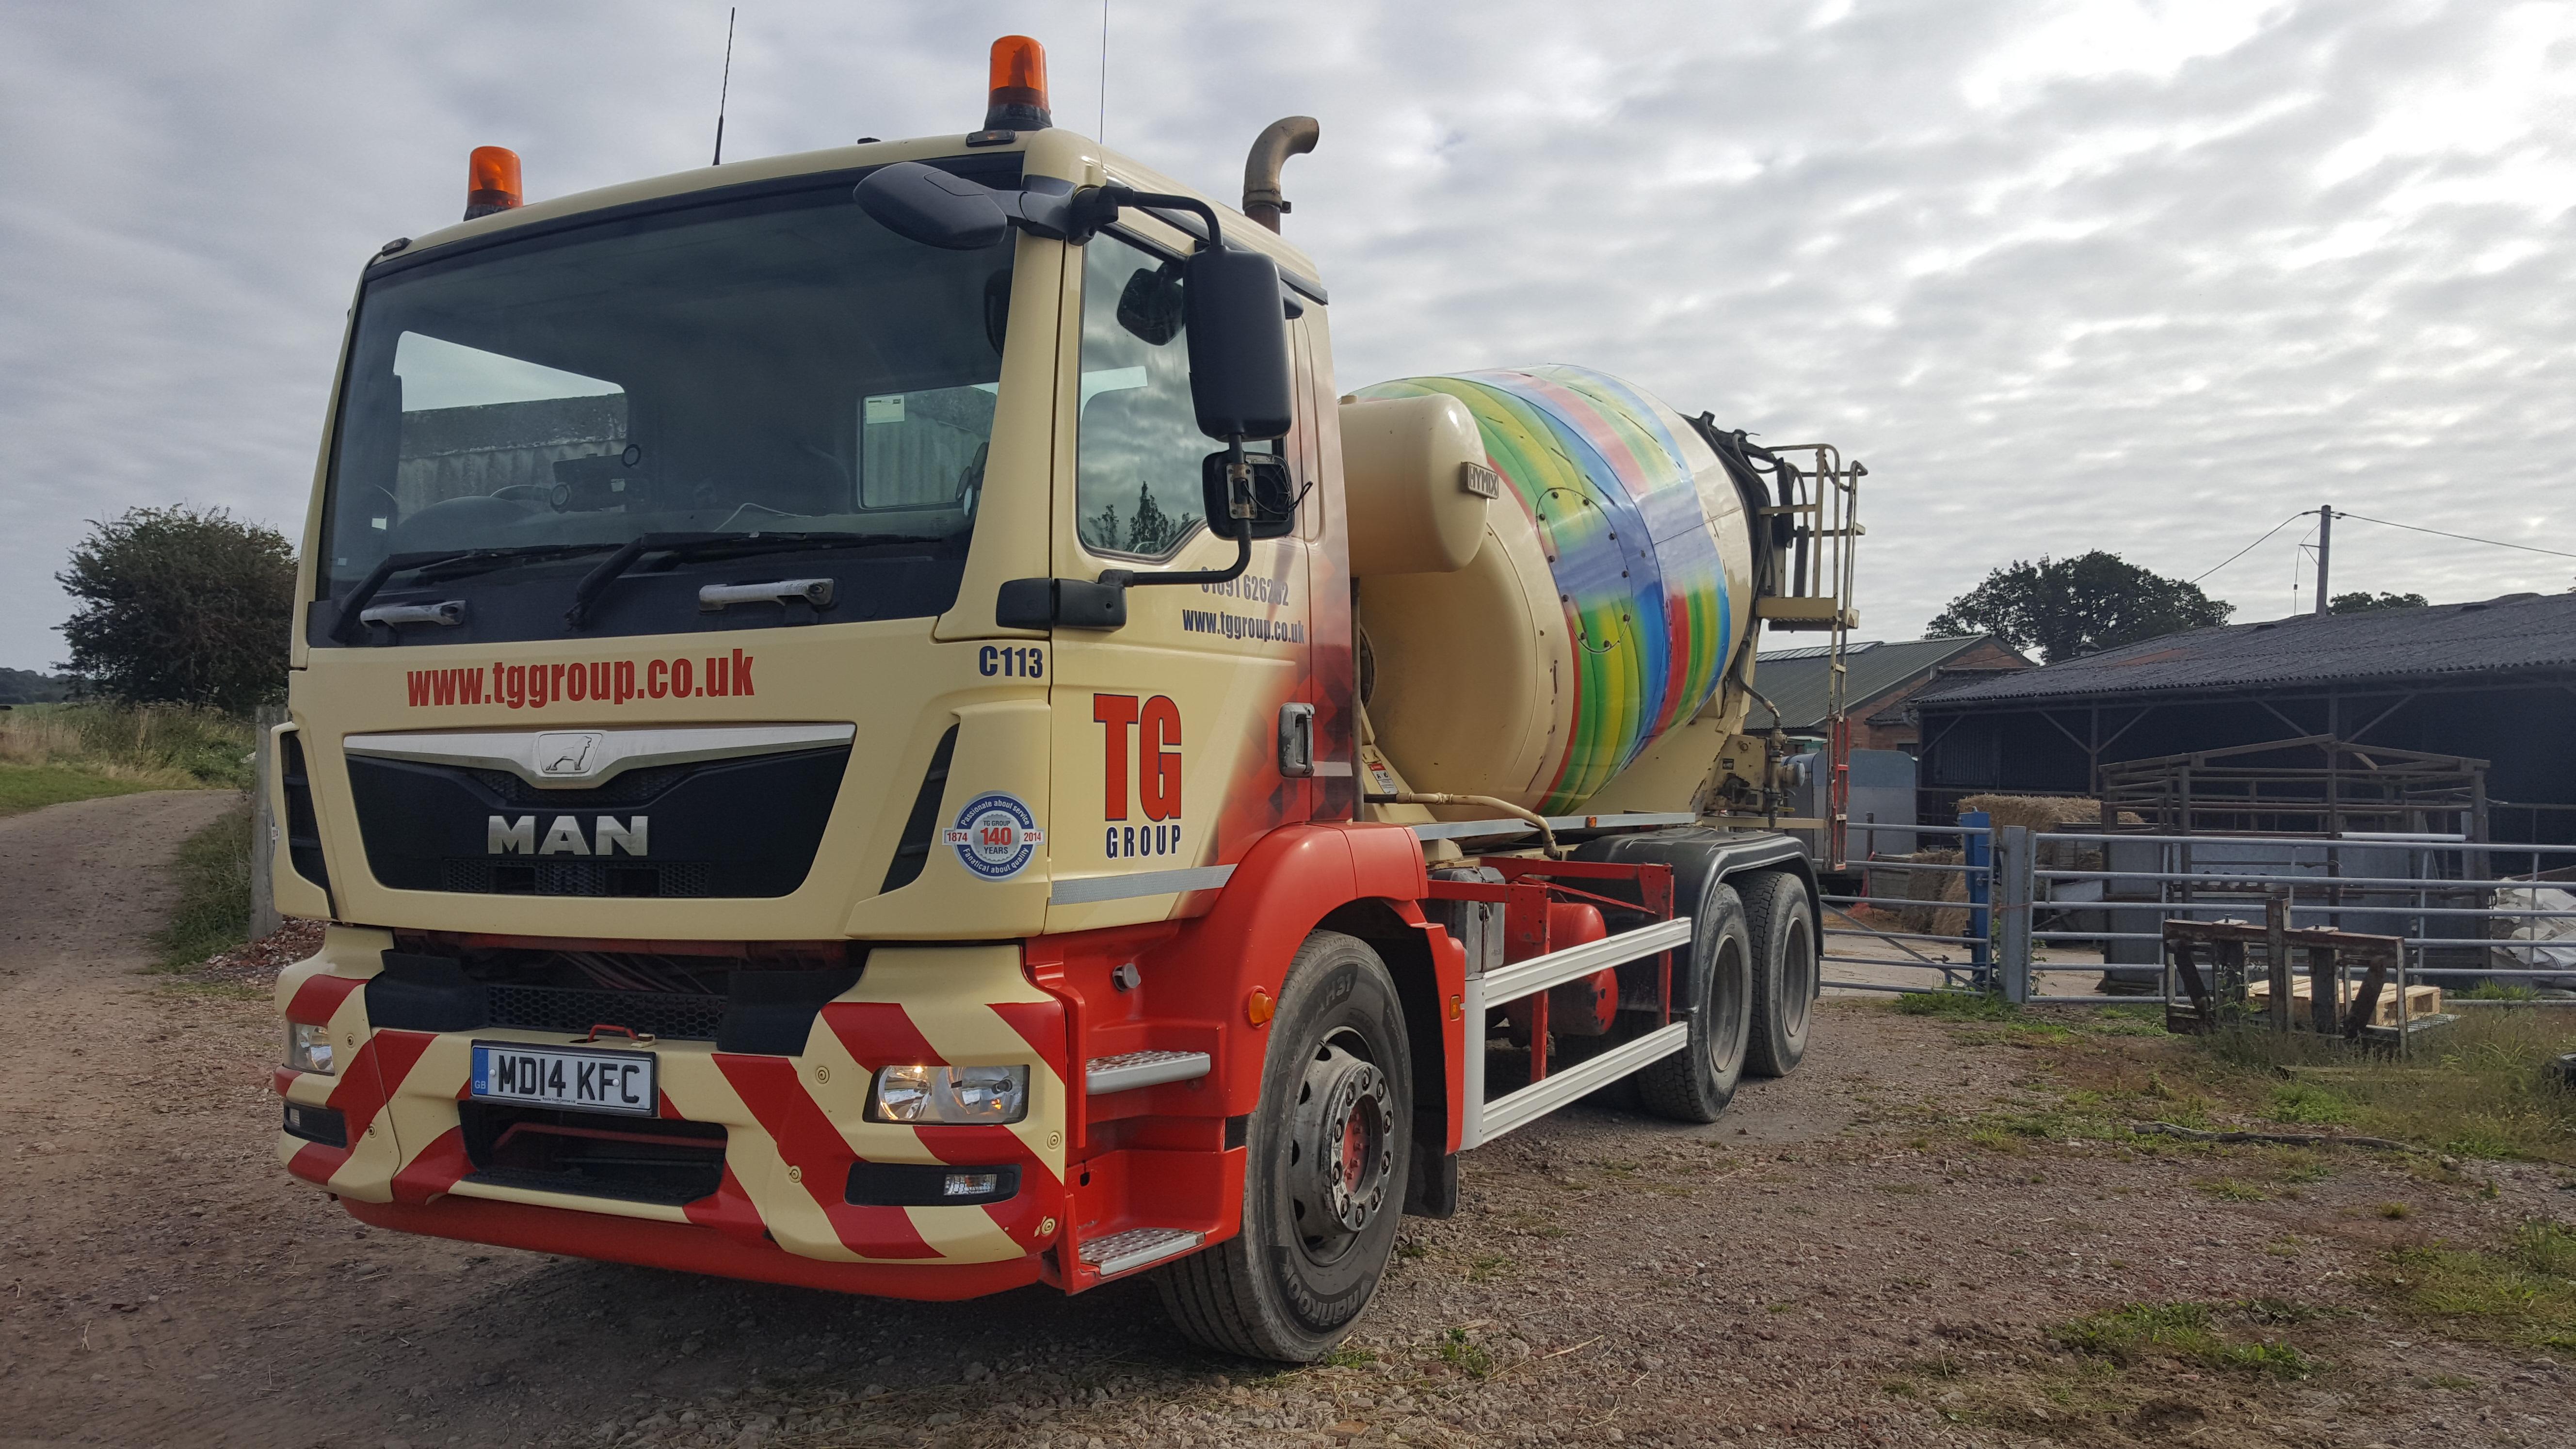 Tudor Griffiths Group MAN Concrete Mixer Truck